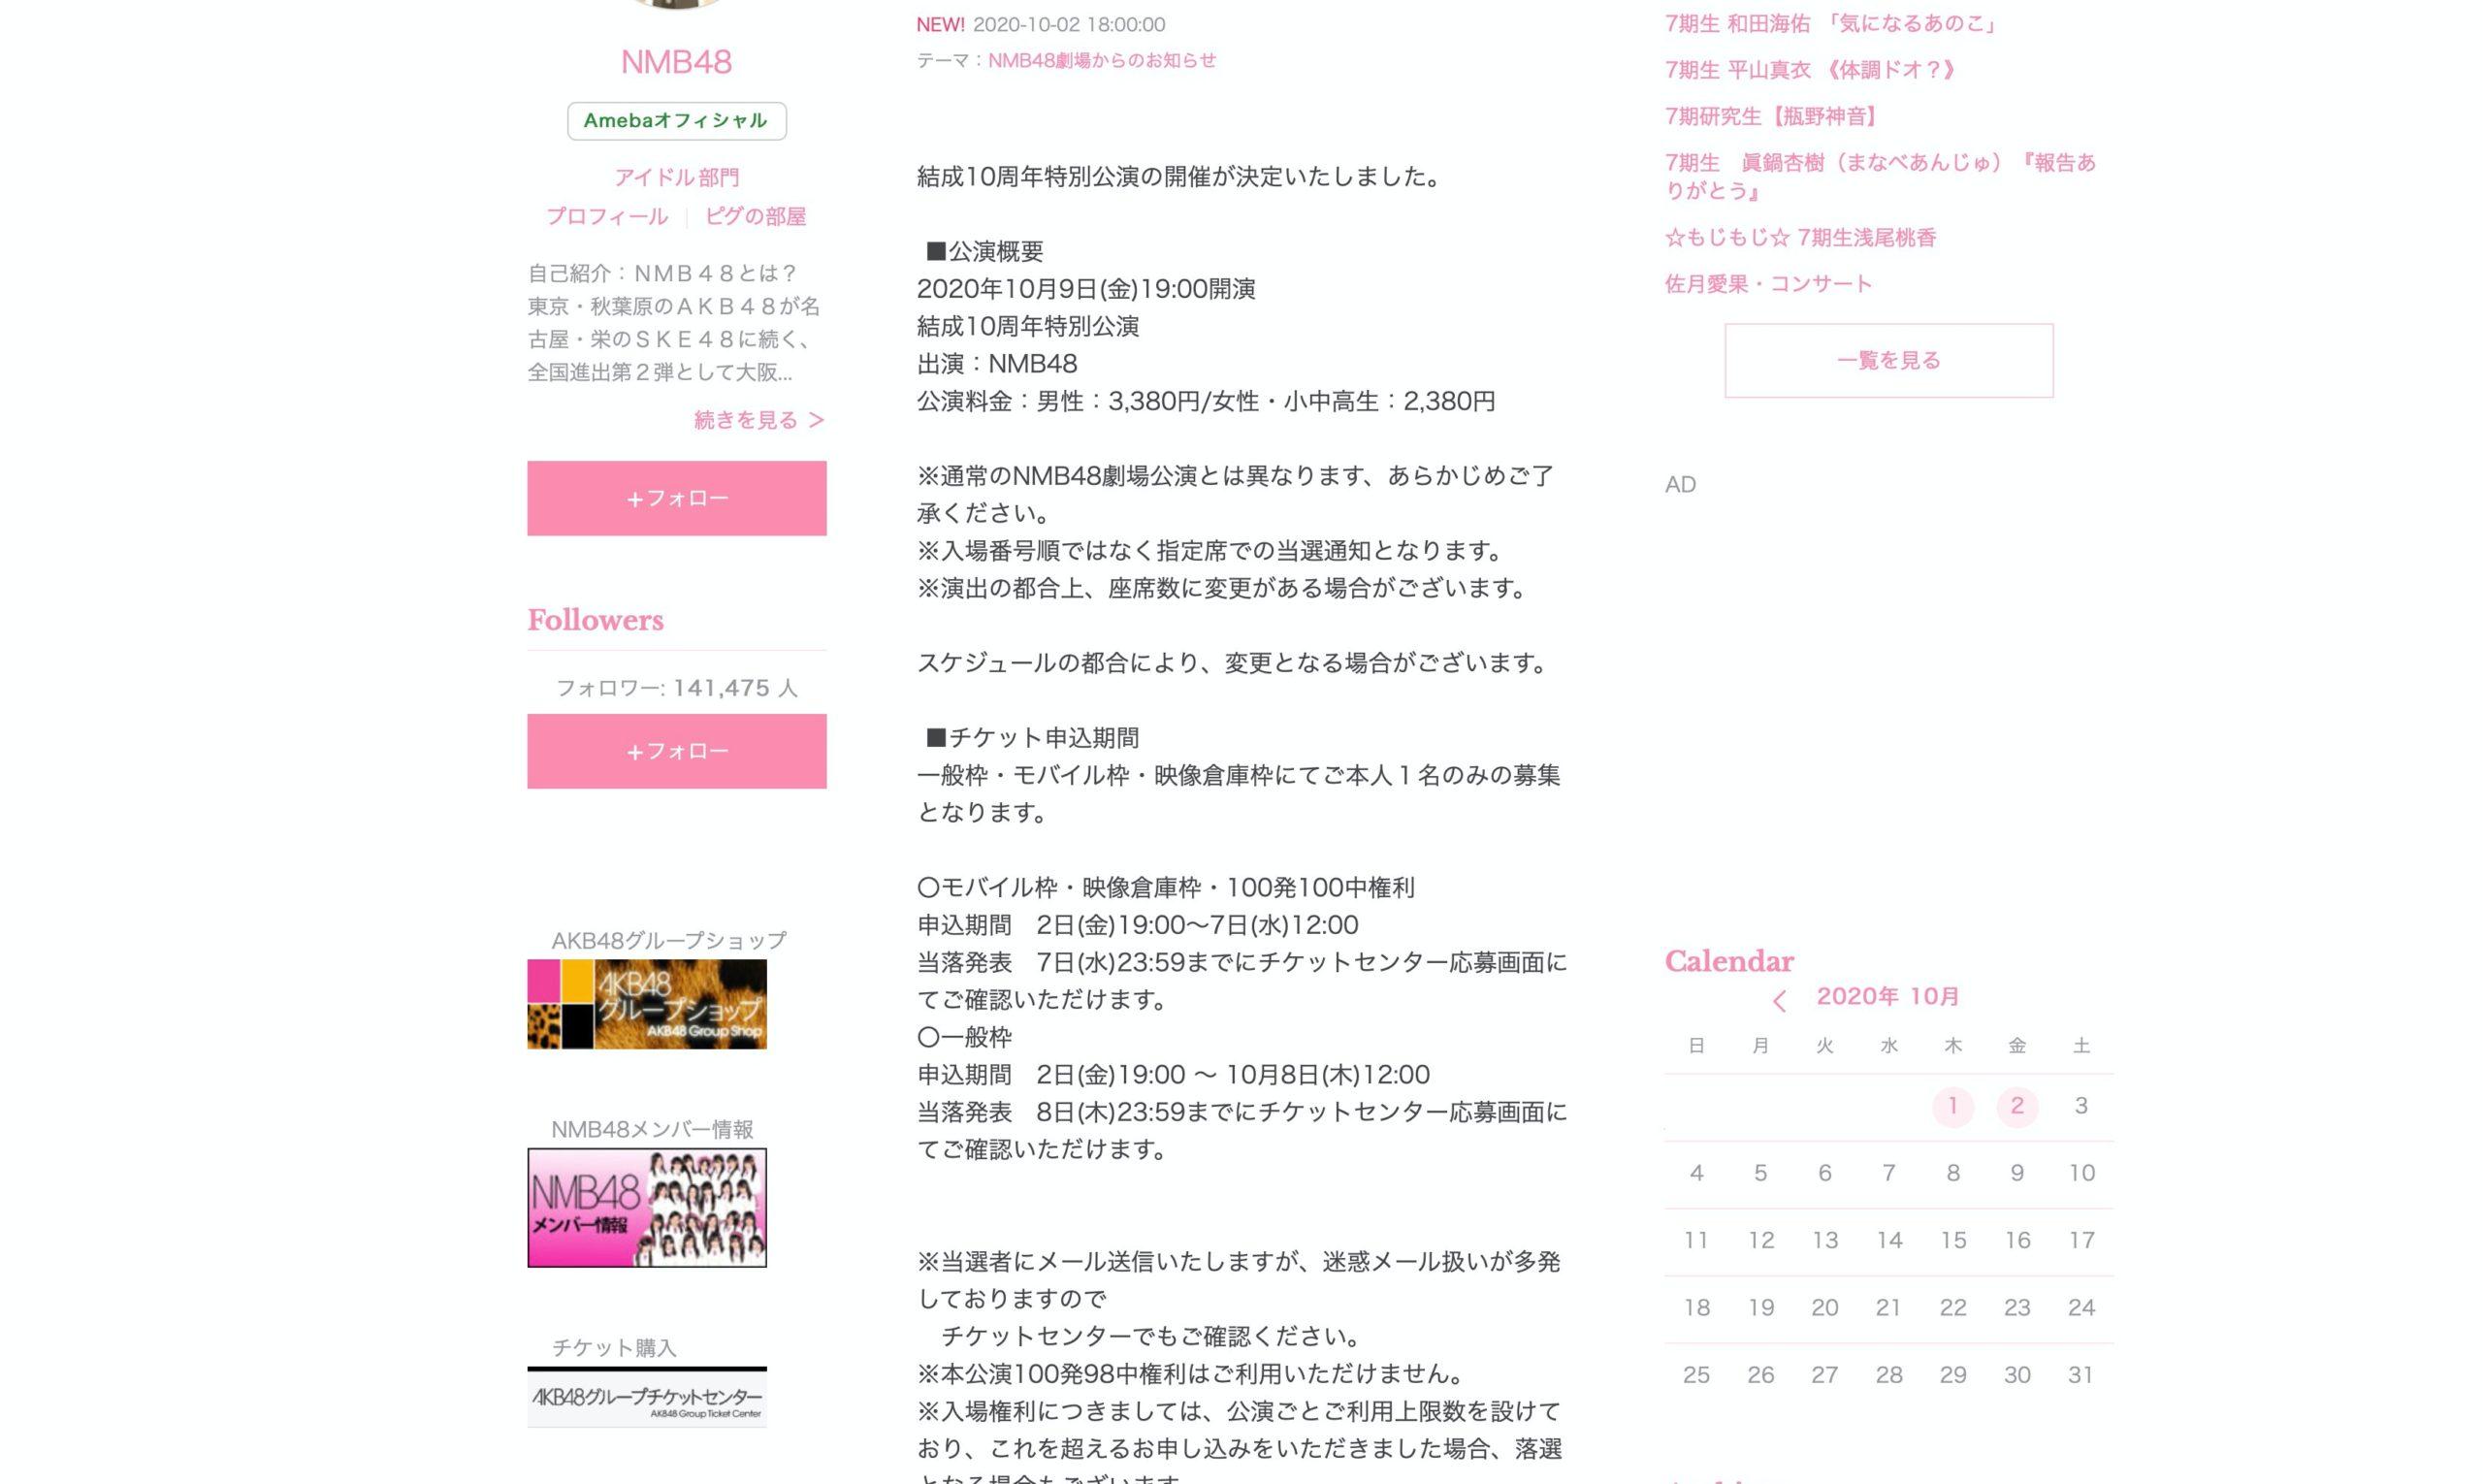 【NMB48】10月9日に『結成10周年特別公演』が開催